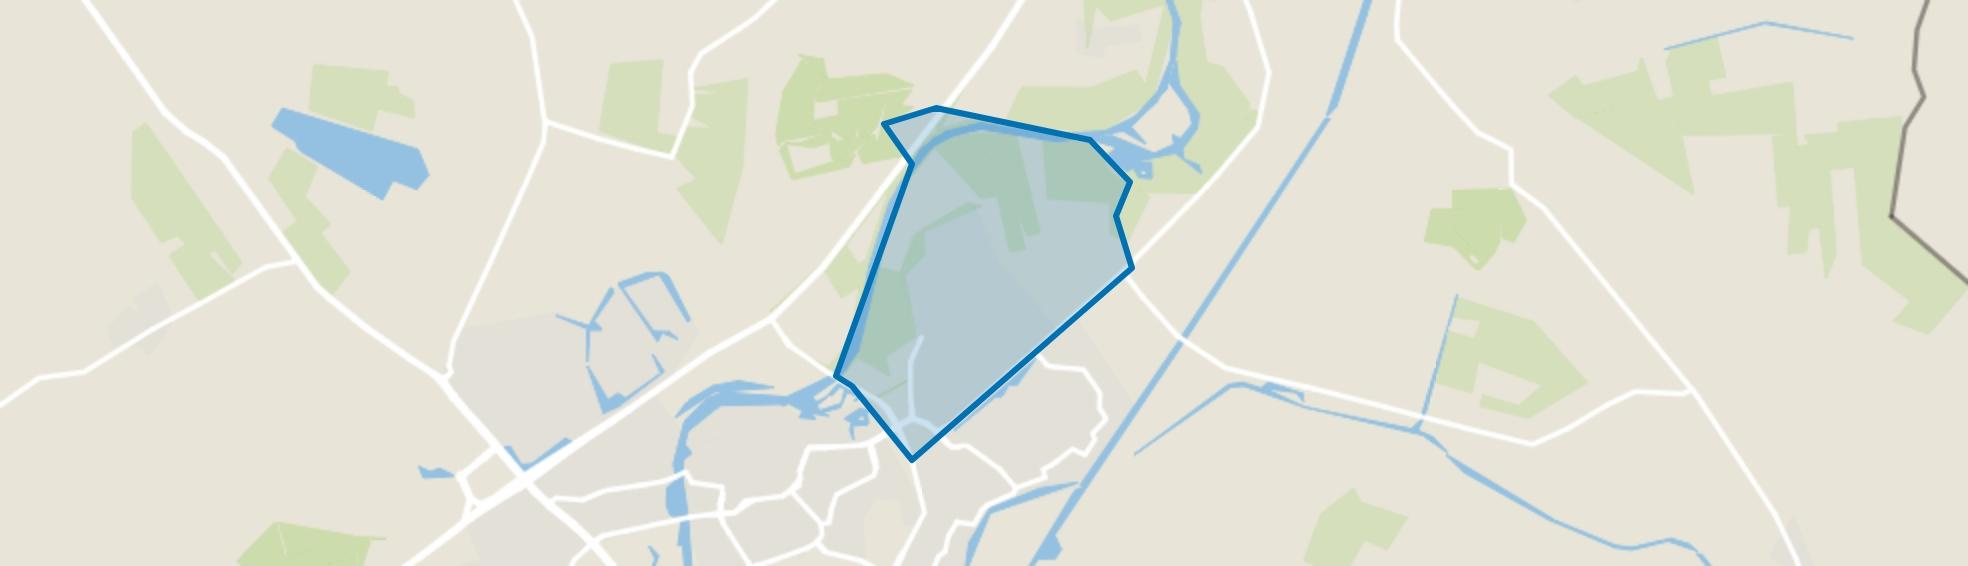 Baalder, Hardenberg map